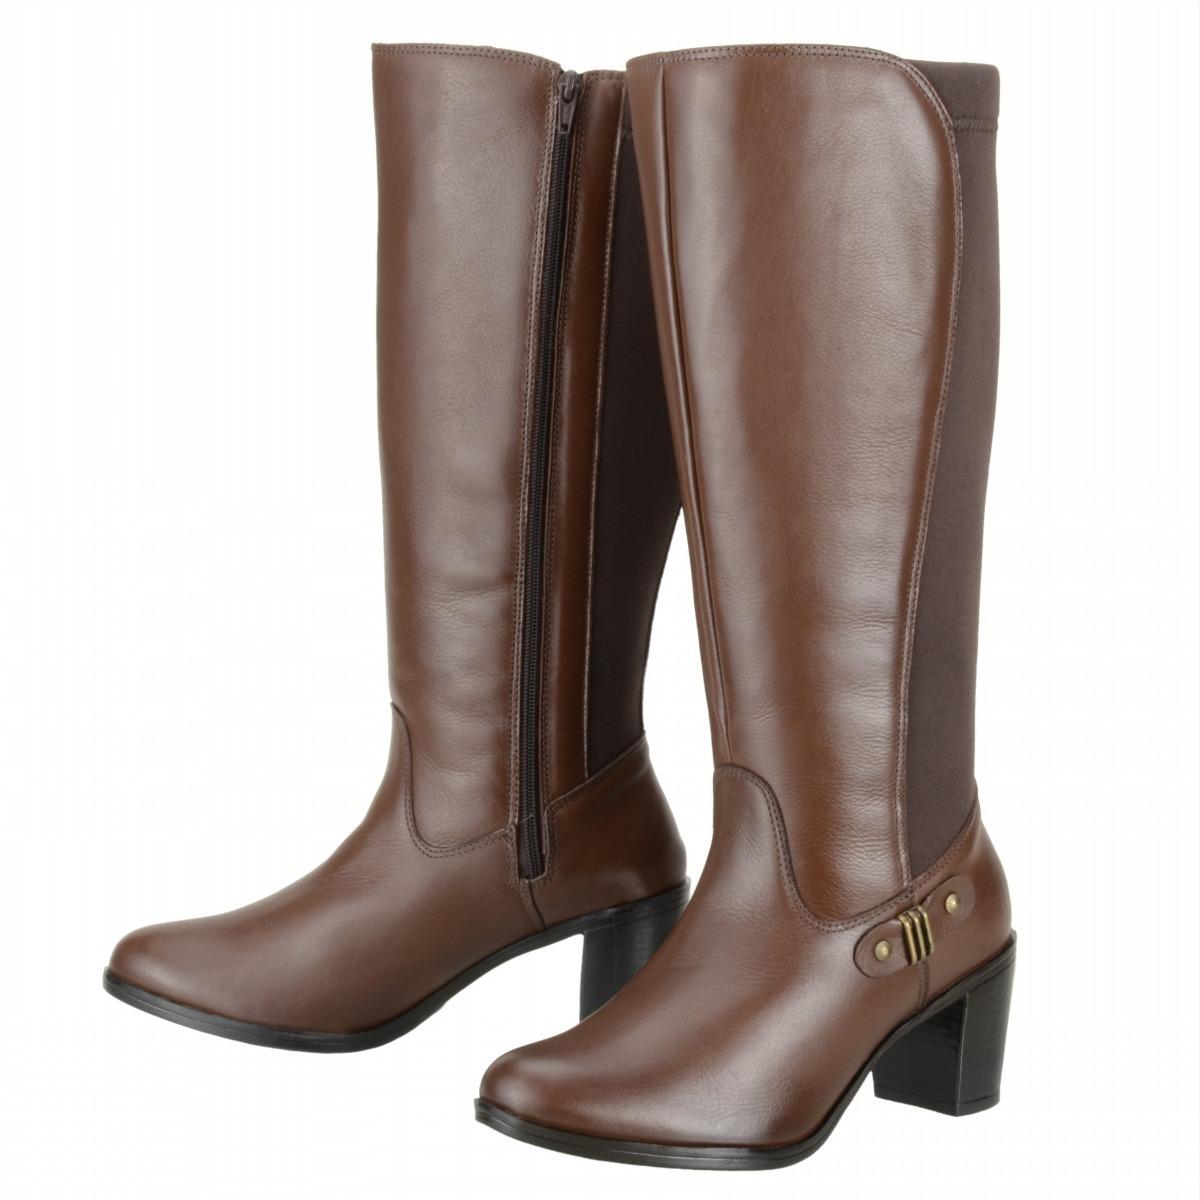 c35da06b5 bota feminina montaria dududias luxo couro legítimo - 249. Carregando zoom.